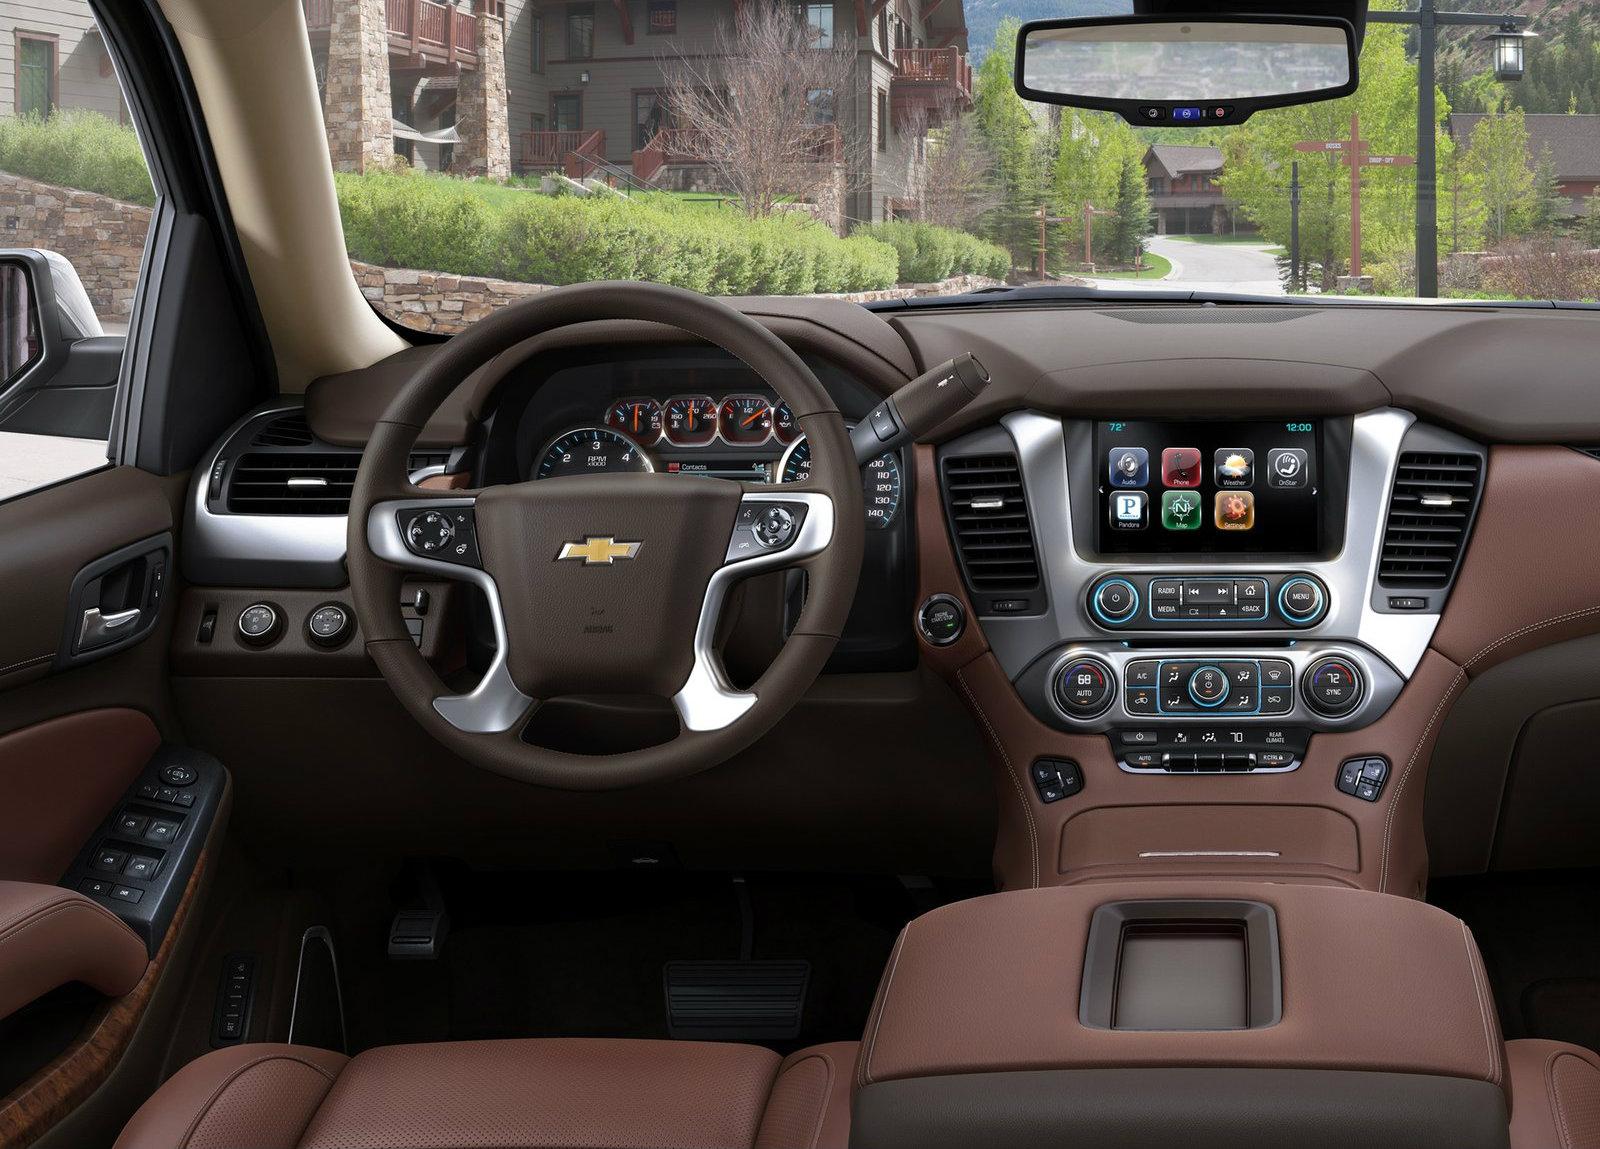 نجنرال موتورز تطرح نماذجها الرياضية لعام 2015 متعددة الاستعمالات GM SUV - المربع نت